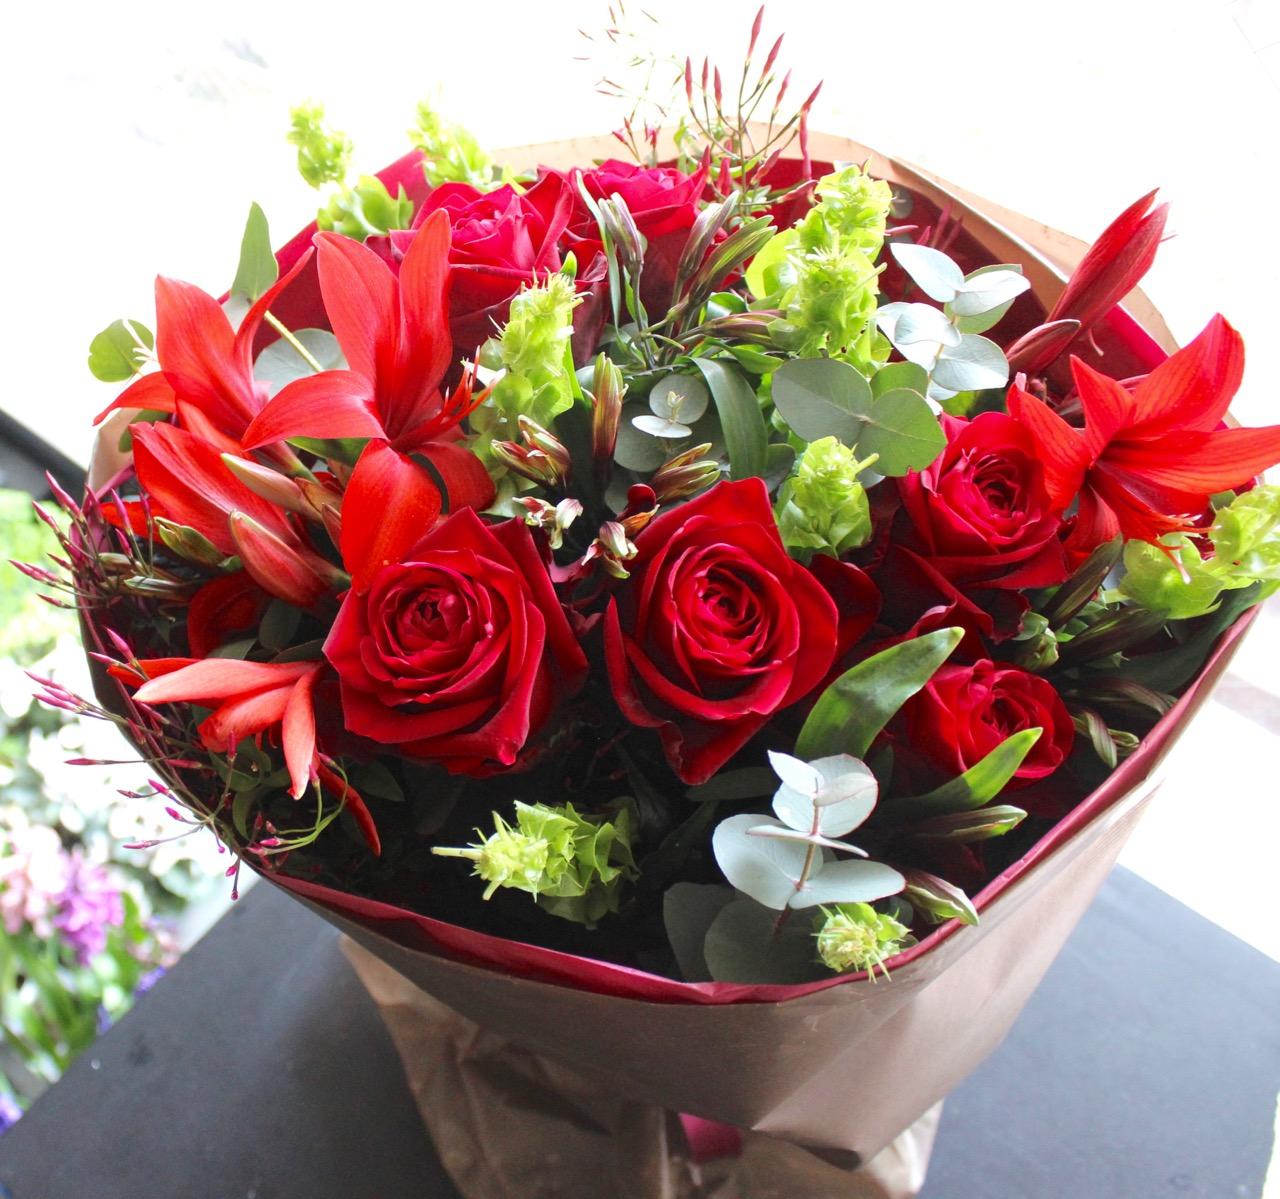 特選花束 L 弁柄 bengara ラグジュアリーな赤バラにふわっと柔らかなグリーンを添えて